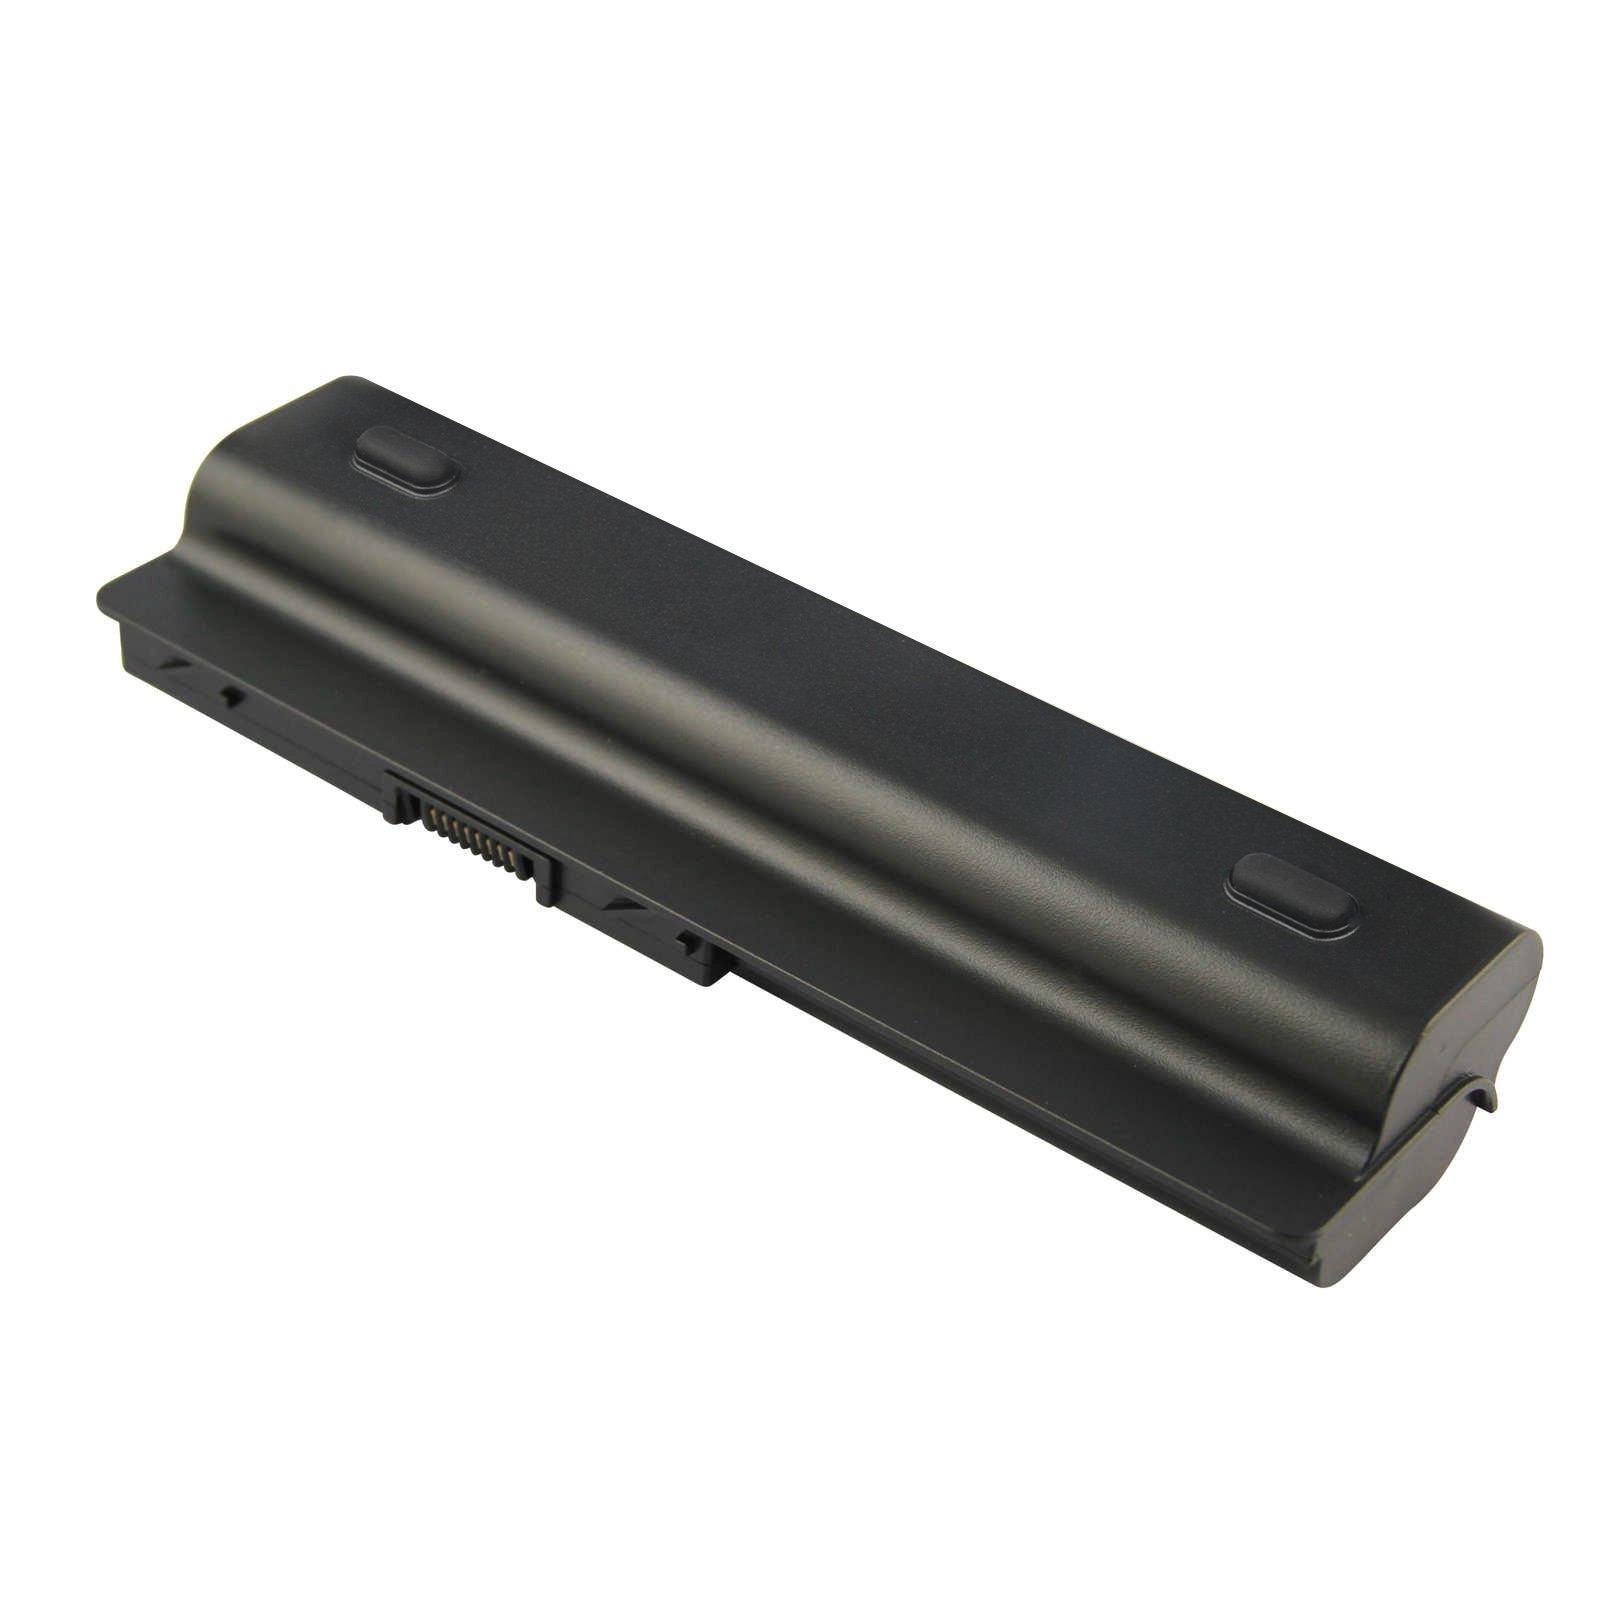 Pack-60 laptop battery for HP DM4 11.1V 8800MAH BLACK